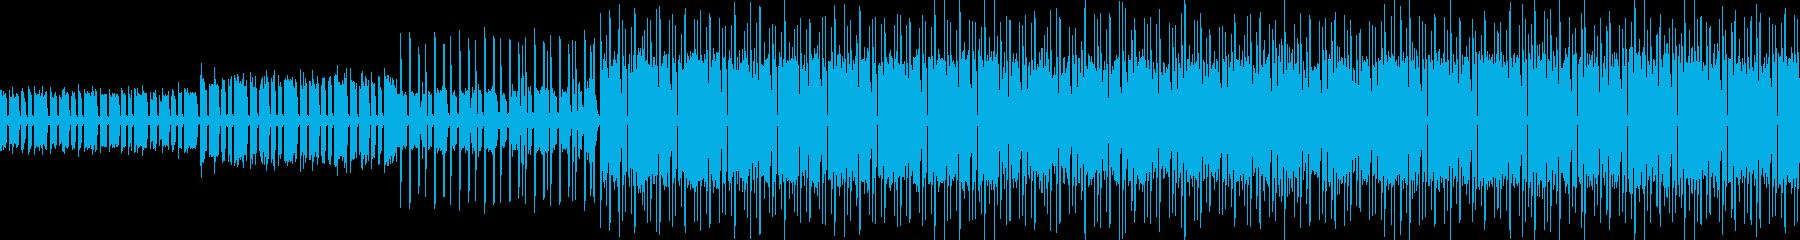 新しくて懐かしいエレクトロミュージックの再生済みの波形